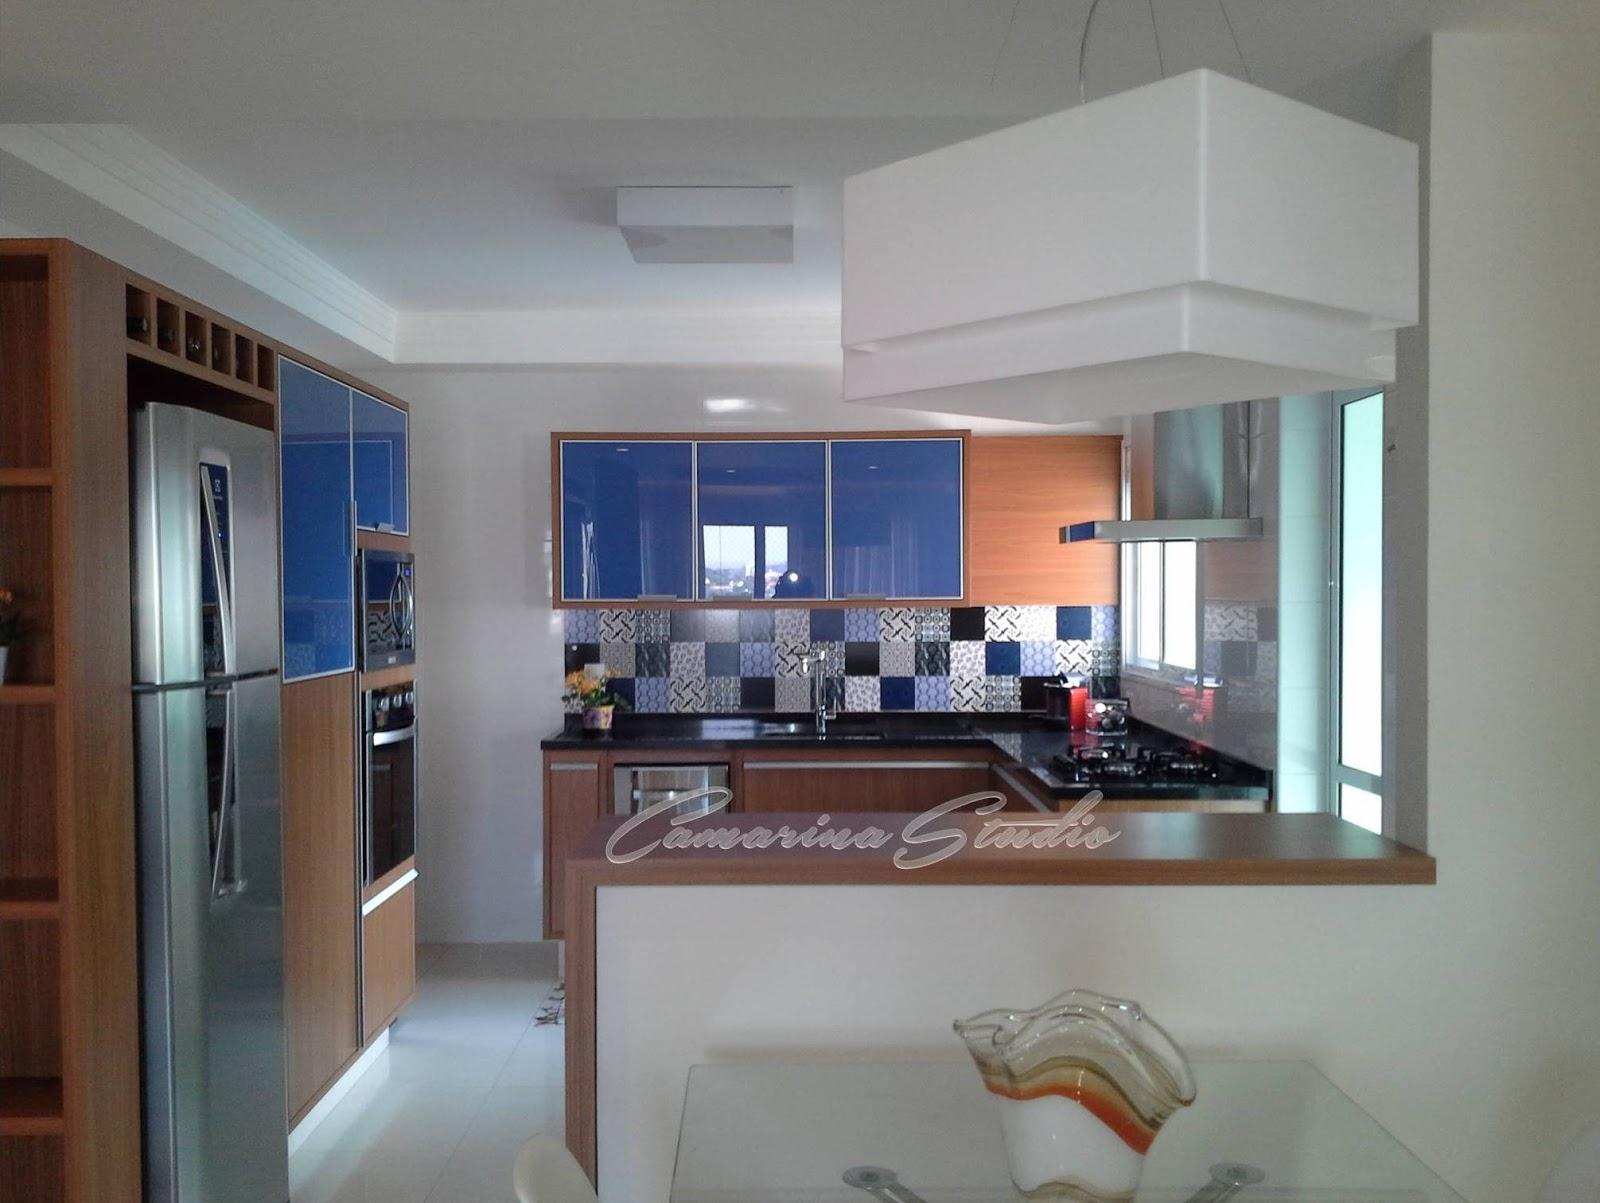 Design de Interiores por Érica Marina Ribeirão Preto: Cozinha  #925139 1600 1203